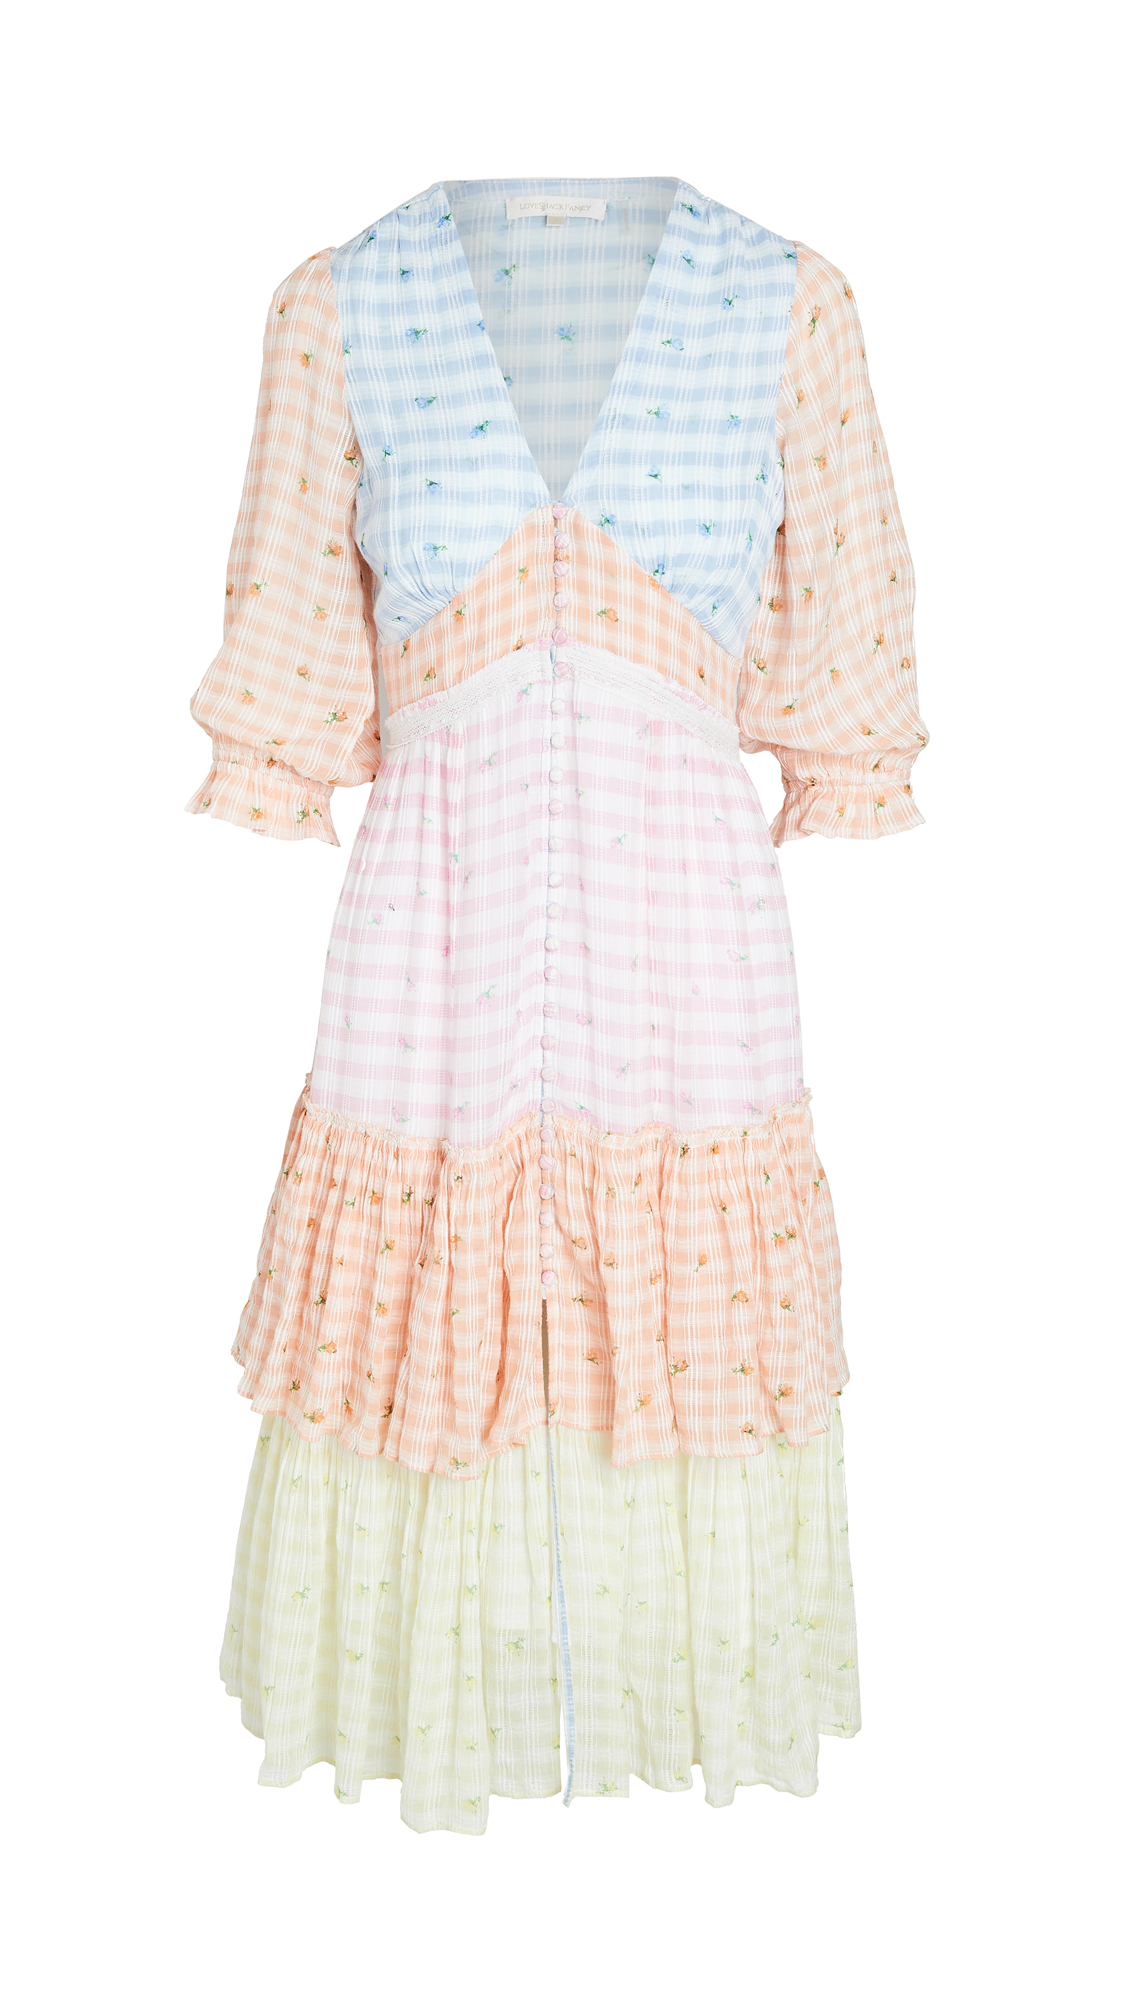 LOVESHACKFANCY Ollie Dress